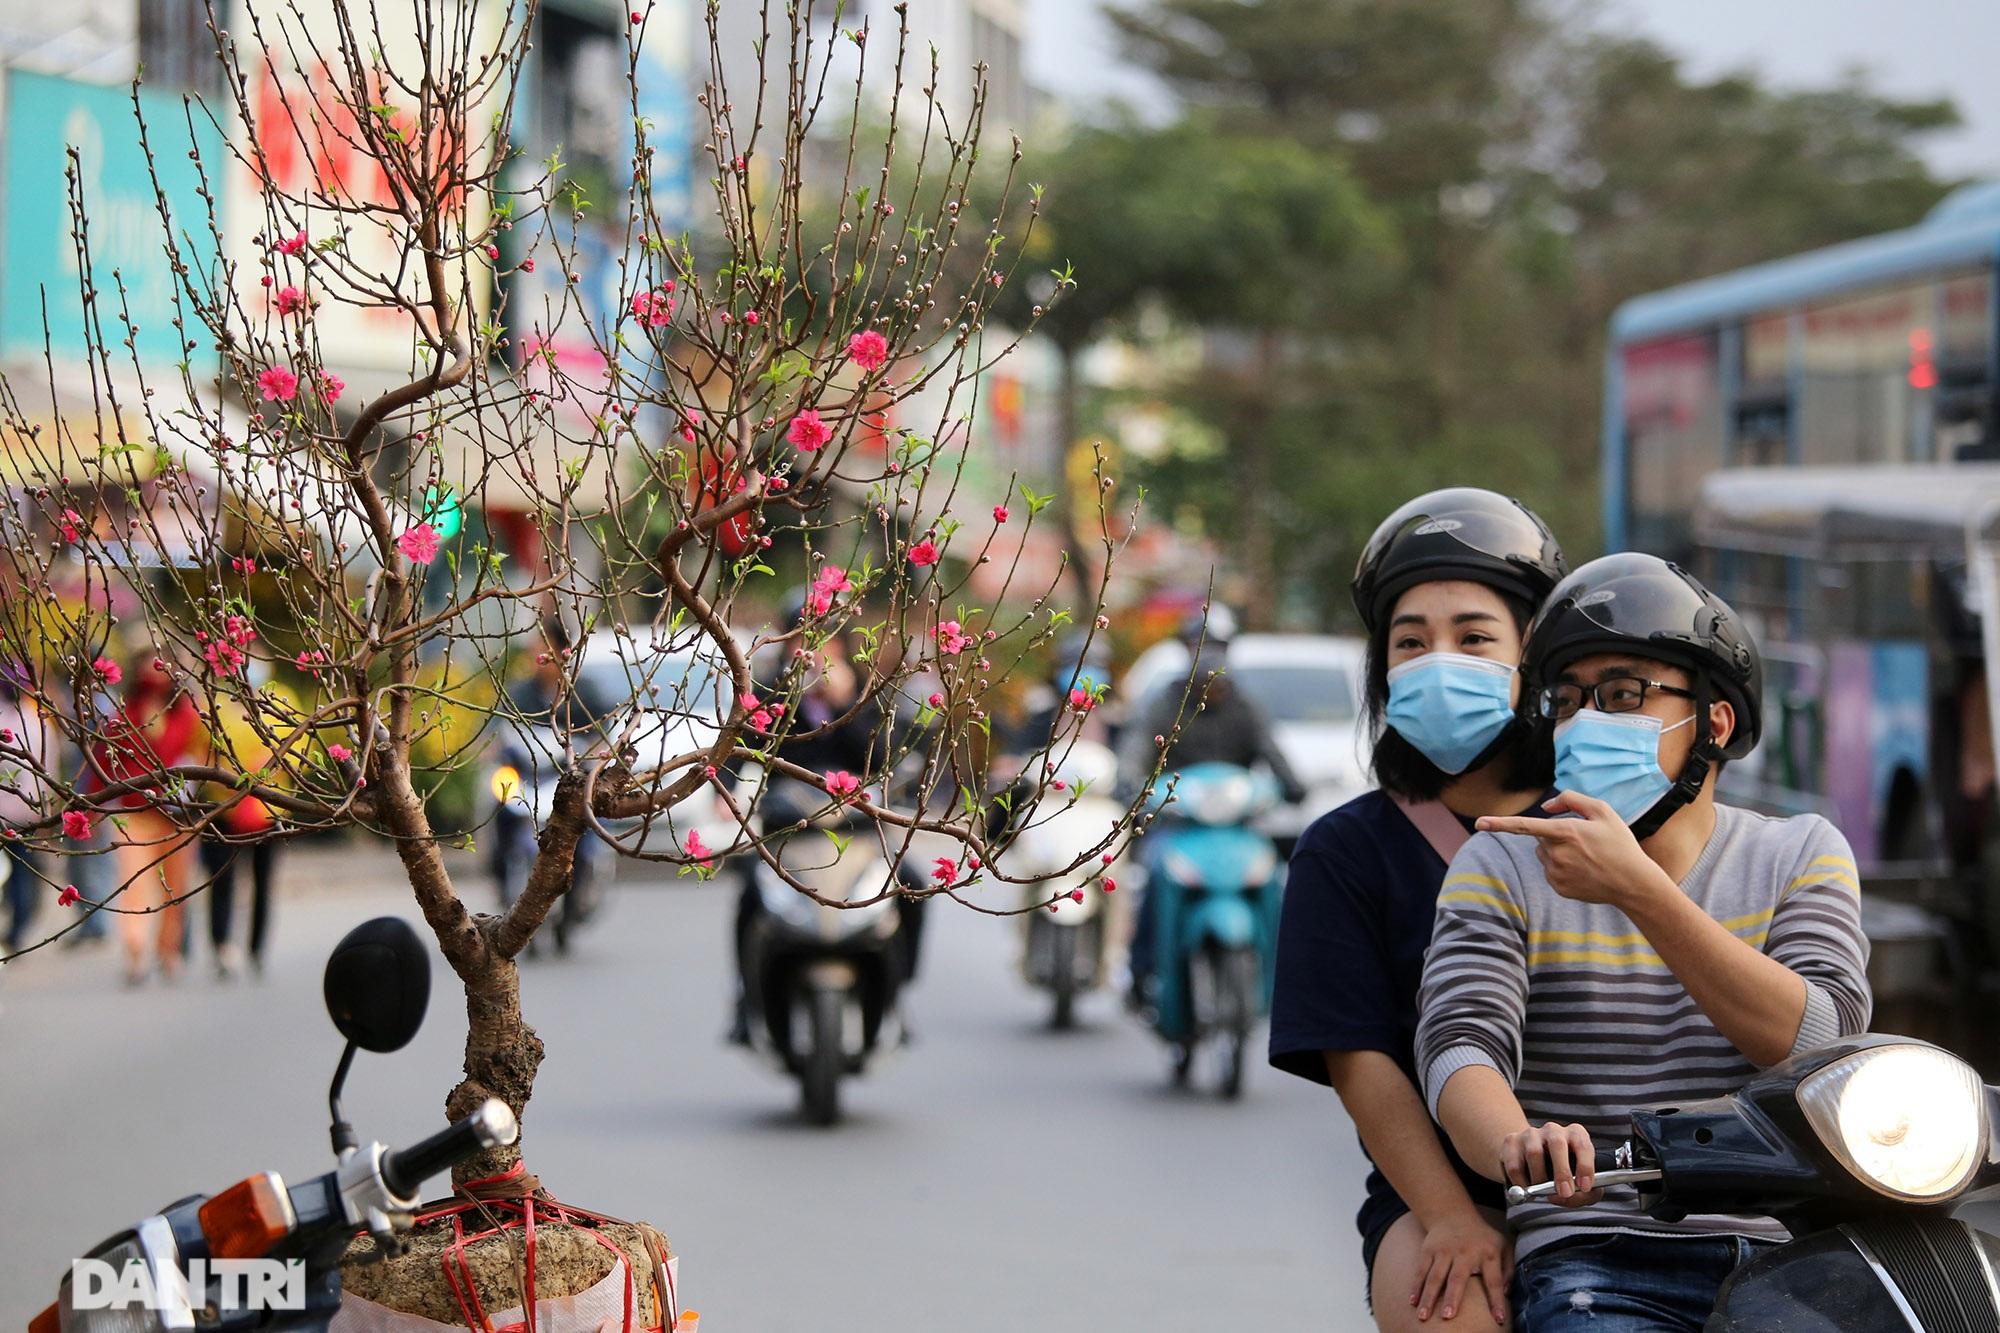 Chợ hoa bày bán trên đường phố Hà Nội đông khách bất chấp dịch Covid-19 - 3